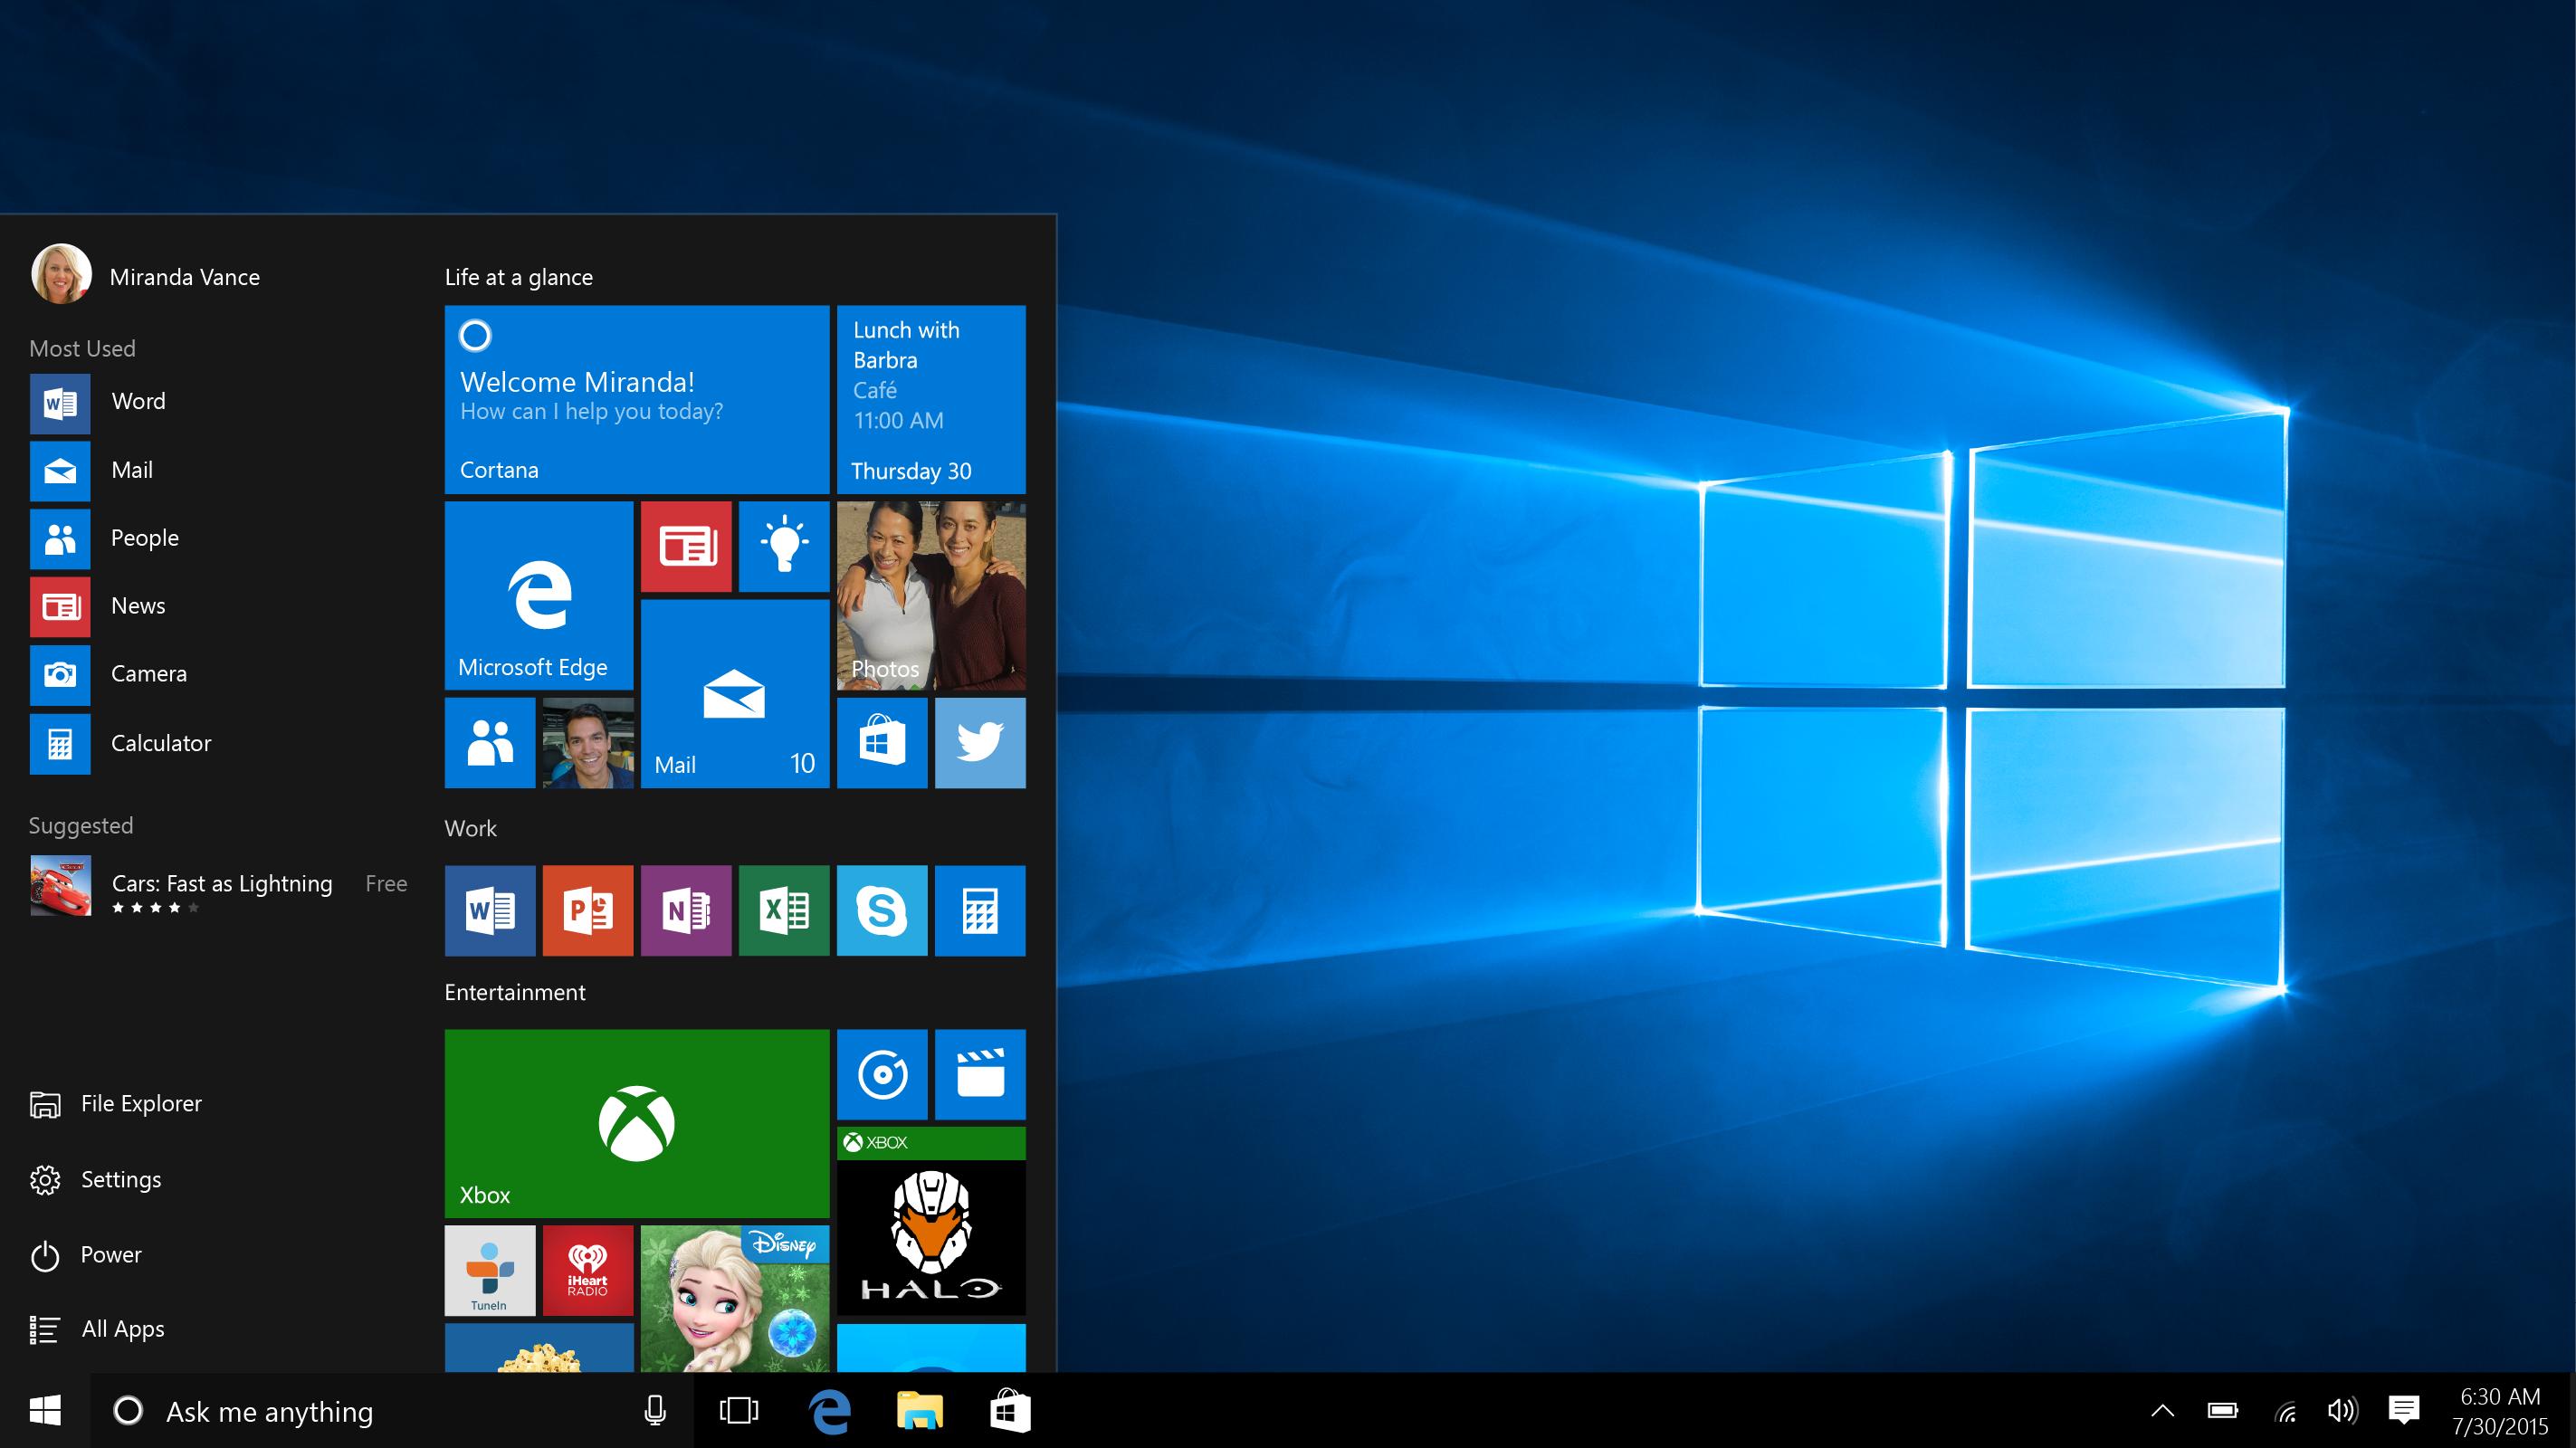 Windows 10'da Başlat Menüsü Hatalarını Çözecek Öneriler